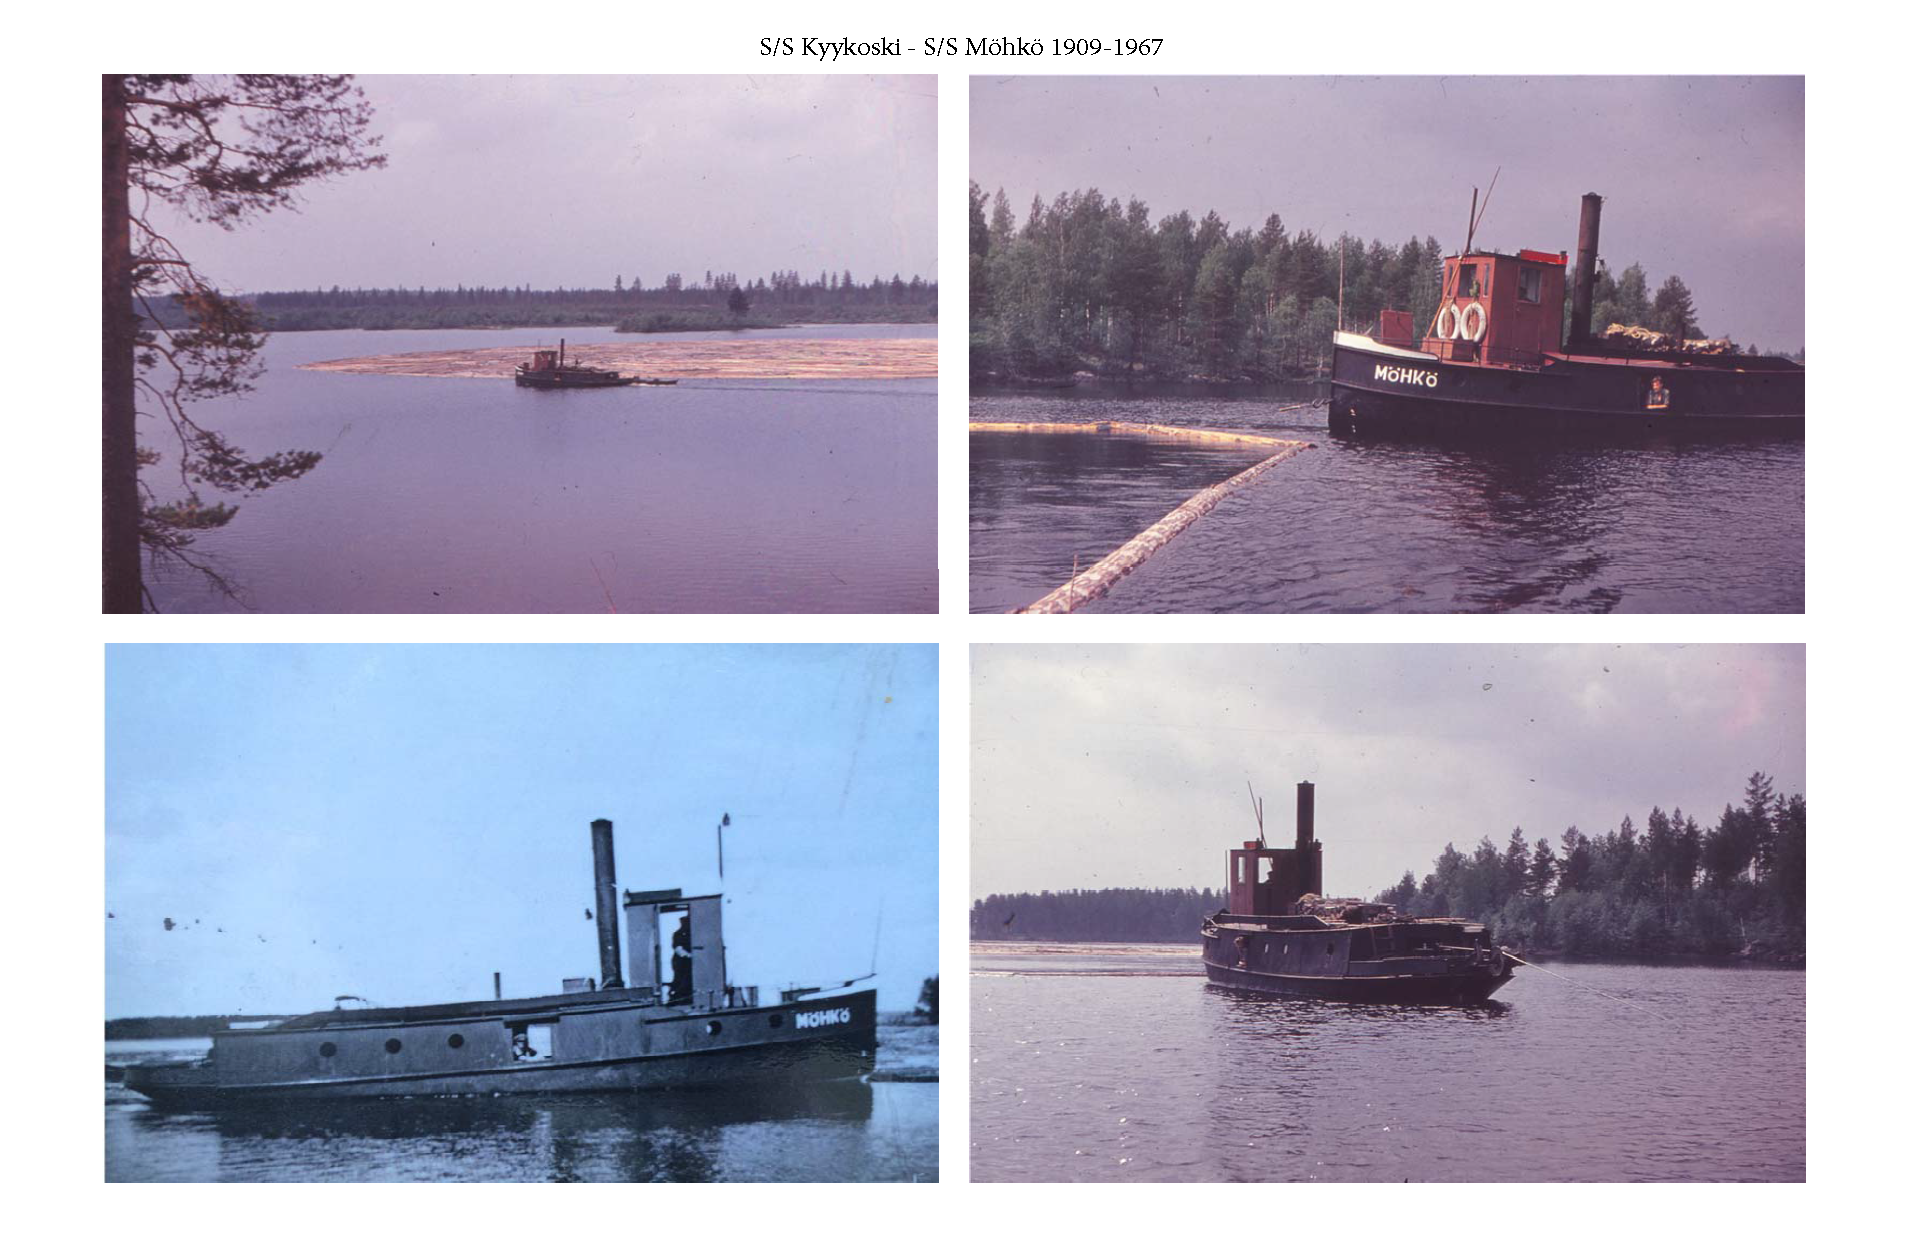 Möhkö_1909-1967